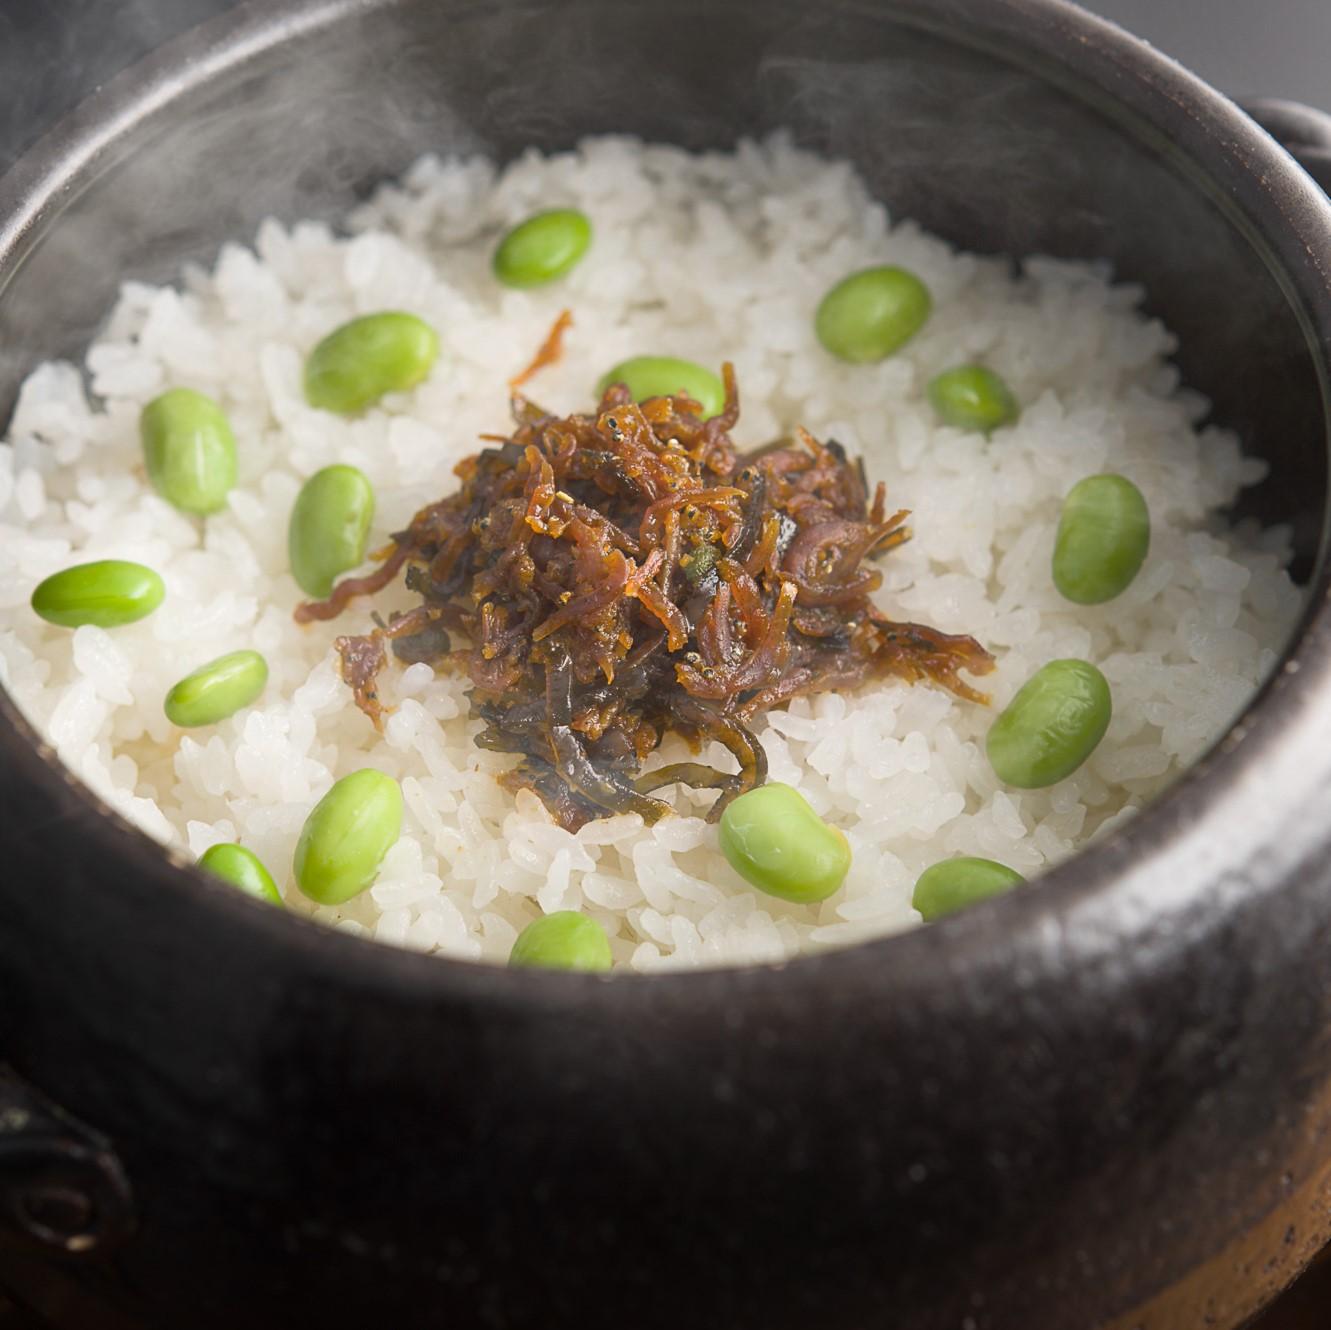 夏味覚 じゃこ山椒炊きとはじき枝豆土鍋炊きご飯